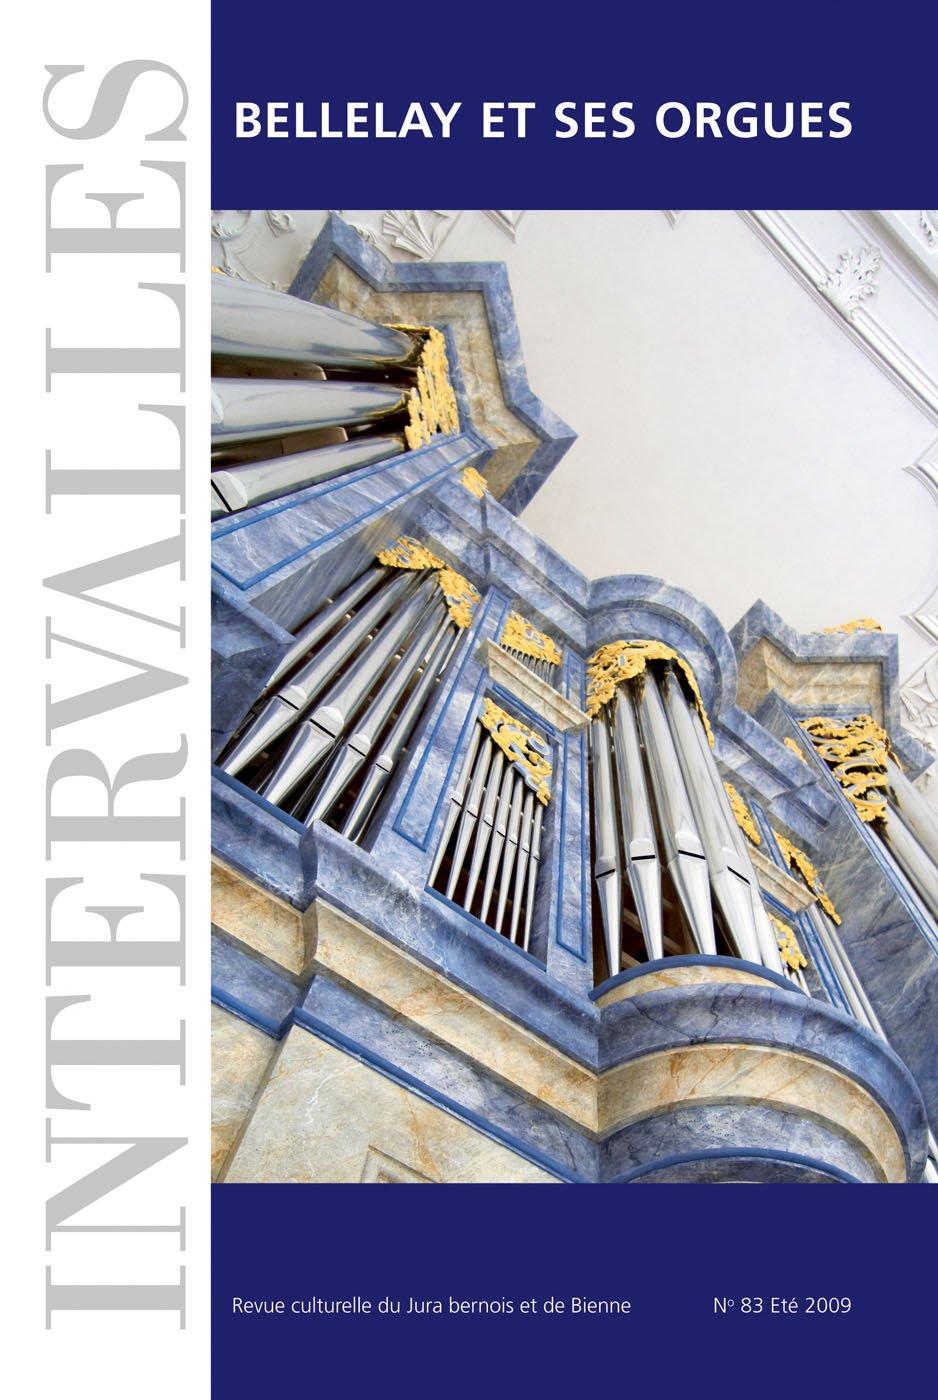 No 83 – Bellelay et ses orgues